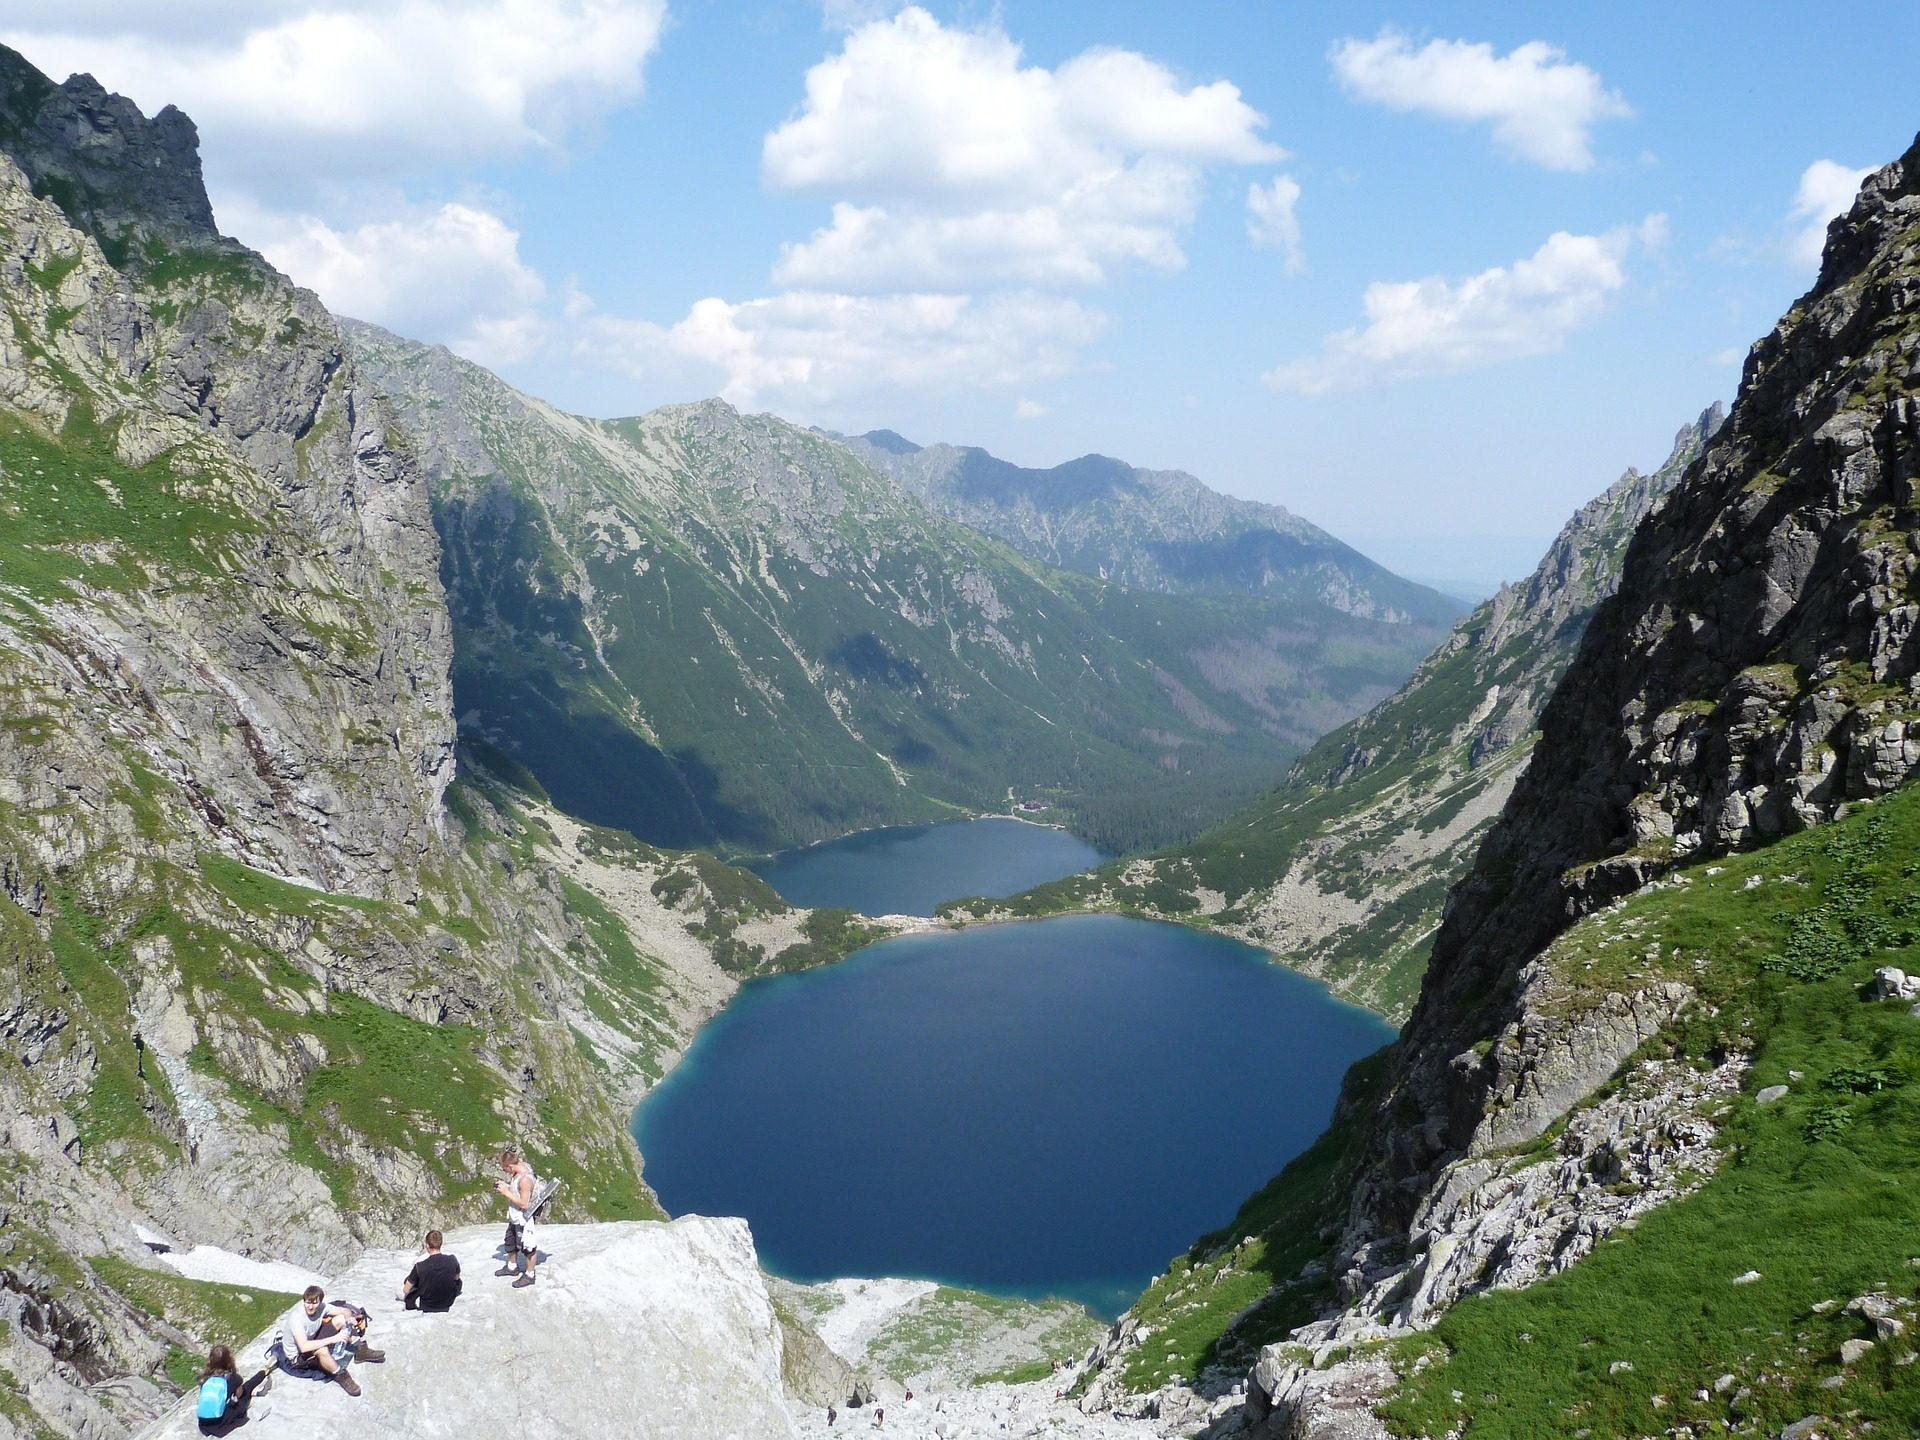 Долина, Монтаньяс, Озеро, Туризм, воды, Польша - Обои HD - Профессор falken.com